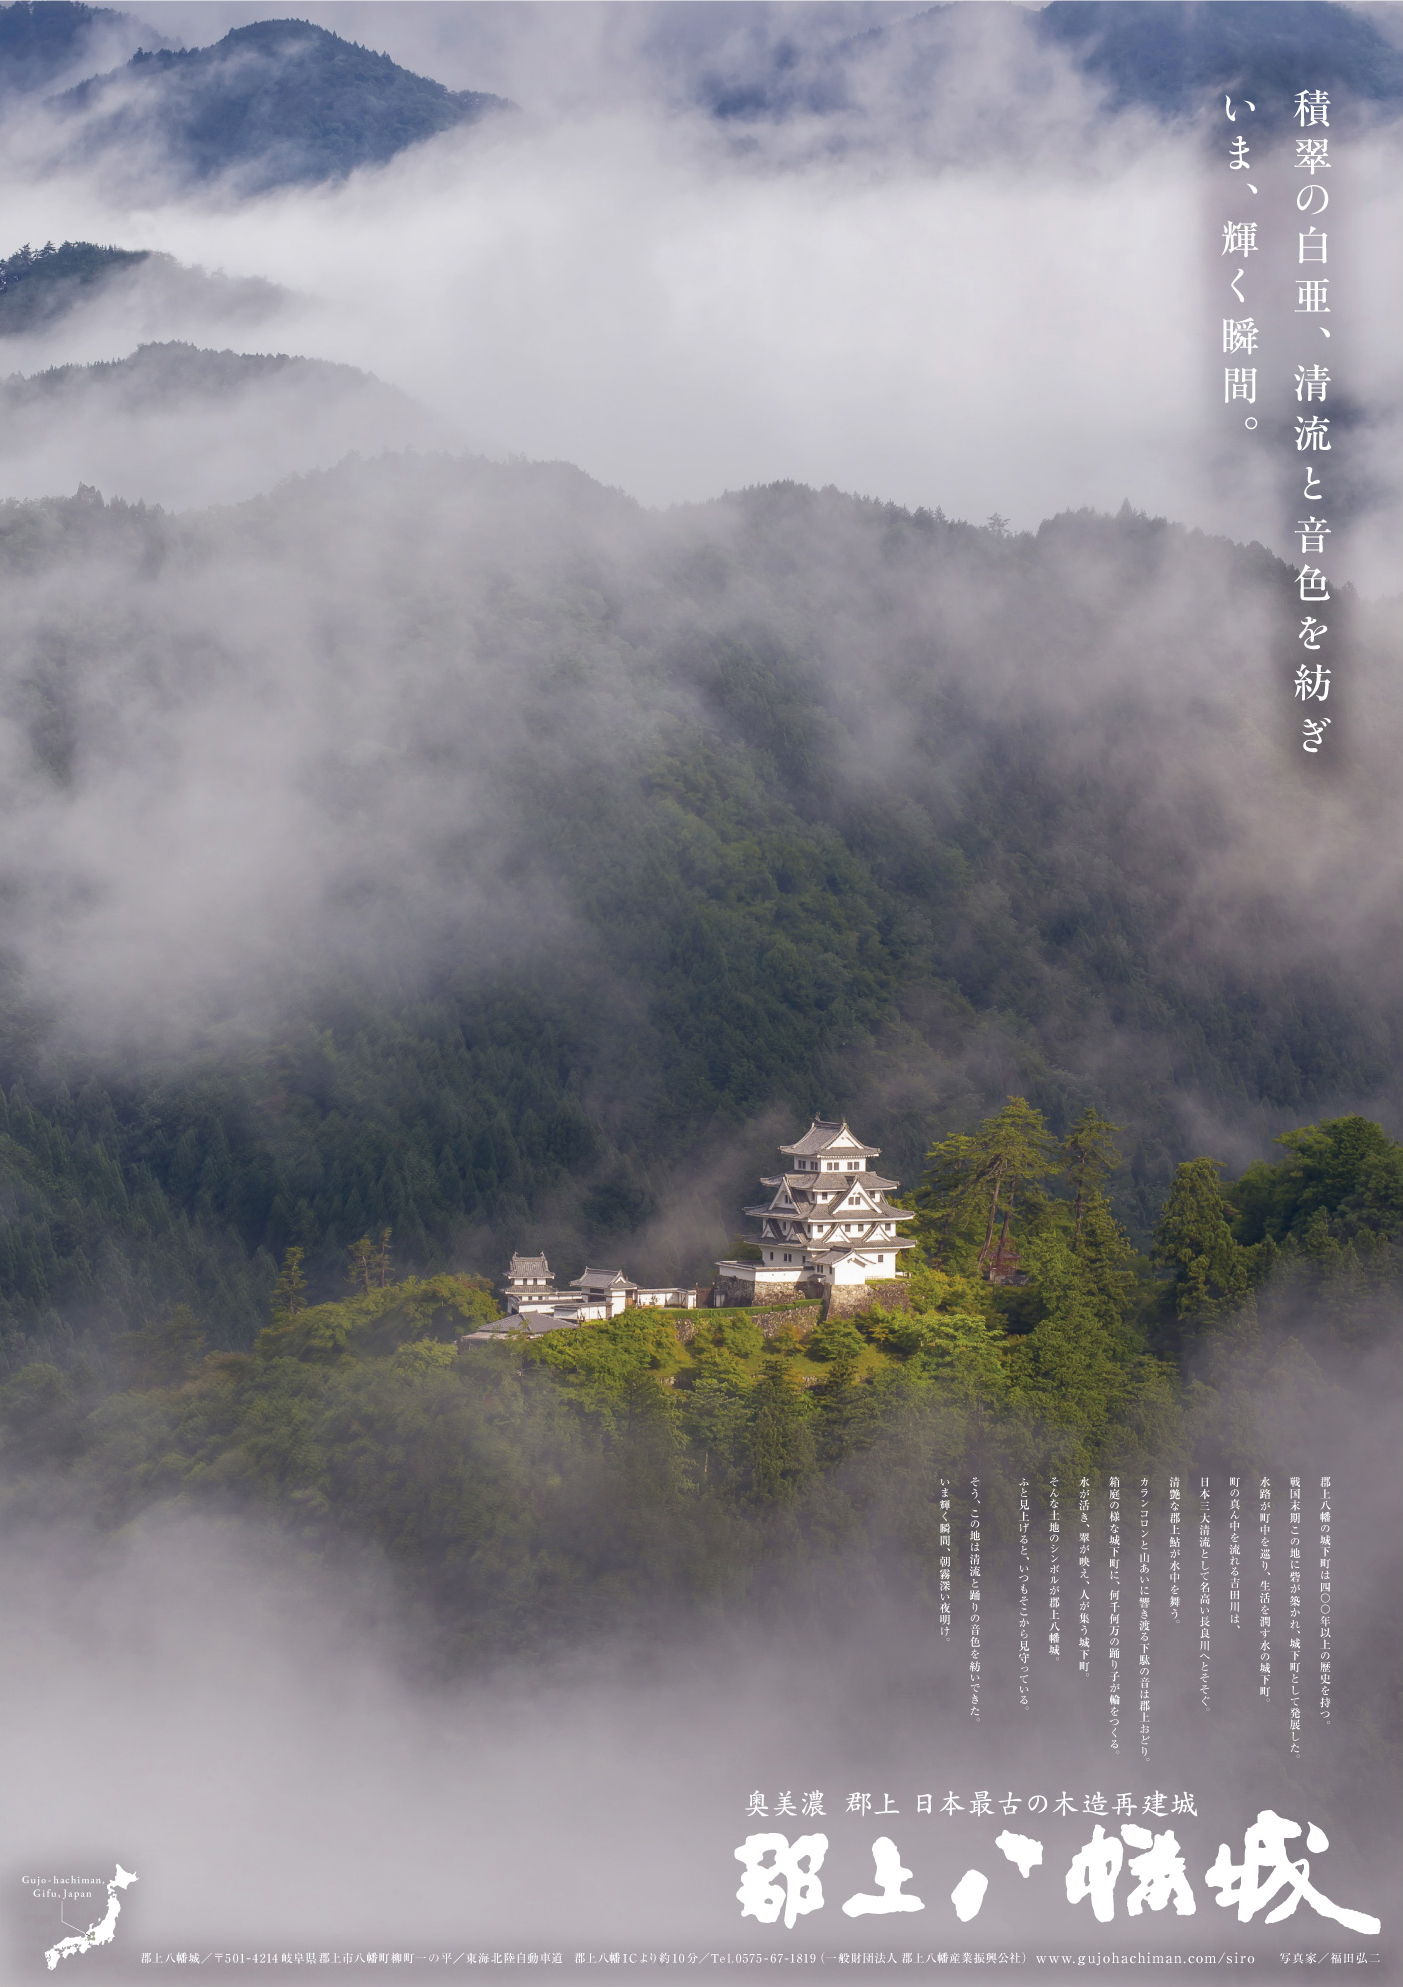 郡上八幡城イメージポスター 【積翠城の夜明け】